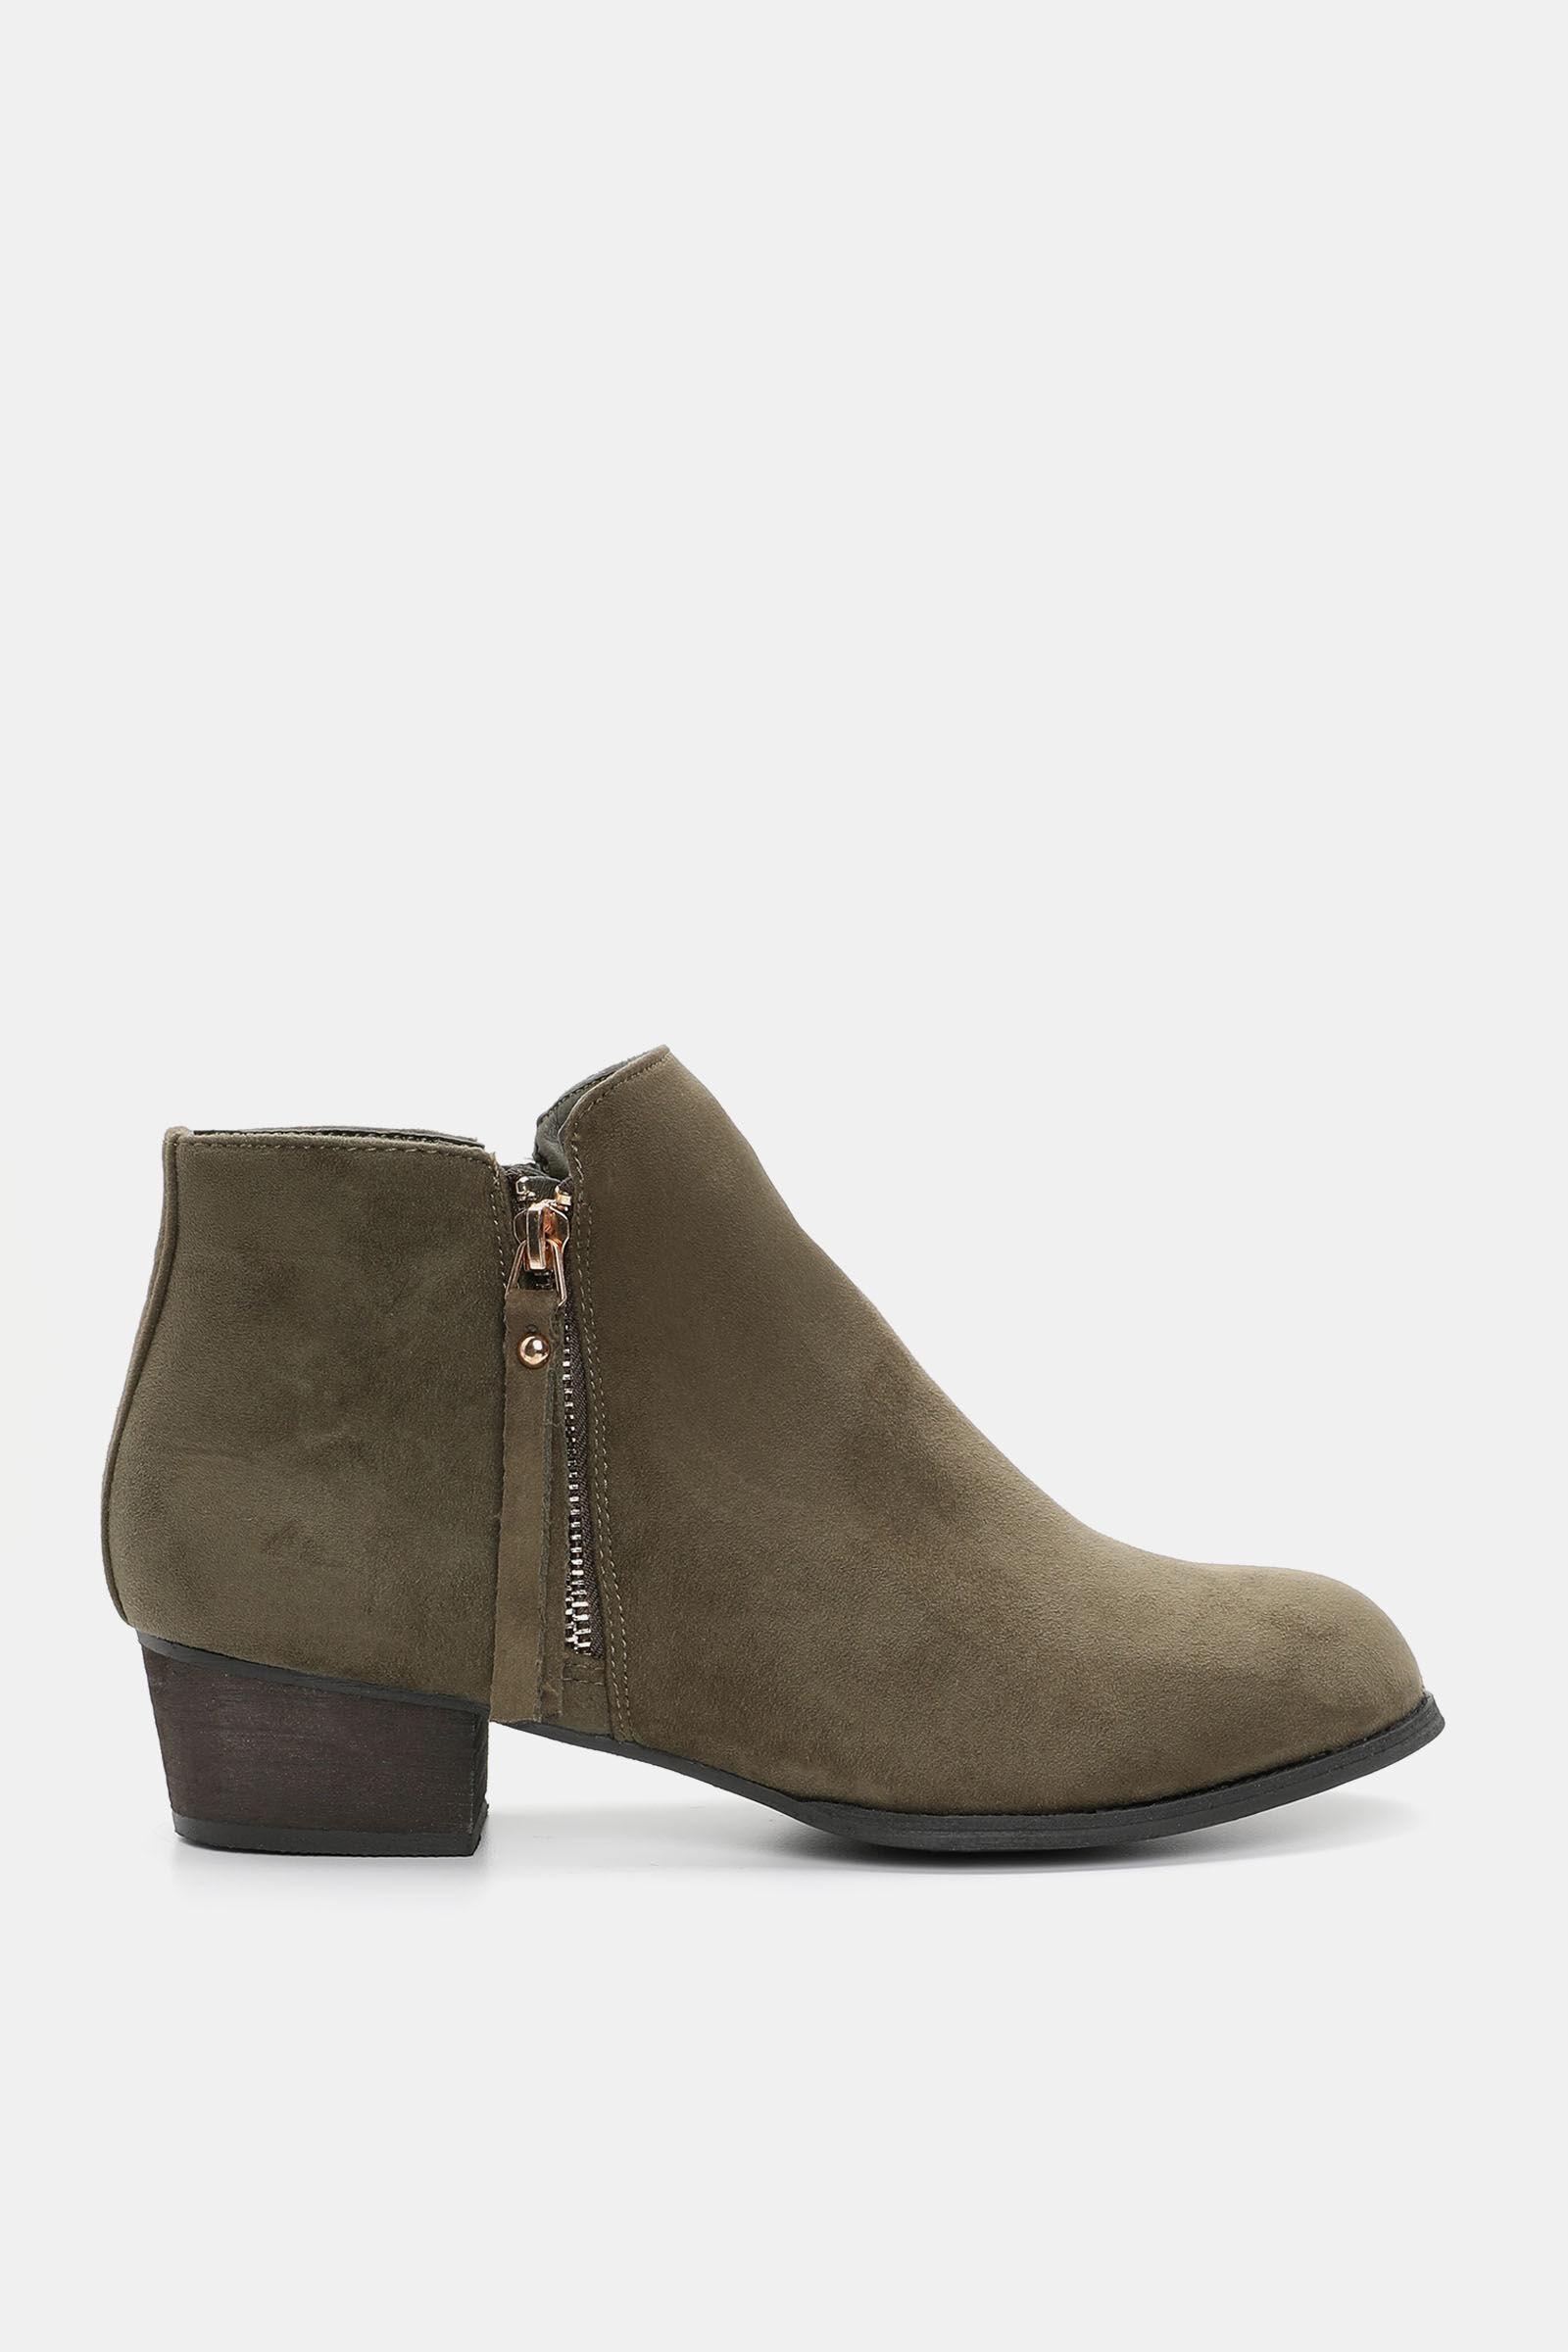 Bottes Courtes Pour Ardène Chaussures Femme An4wArOq